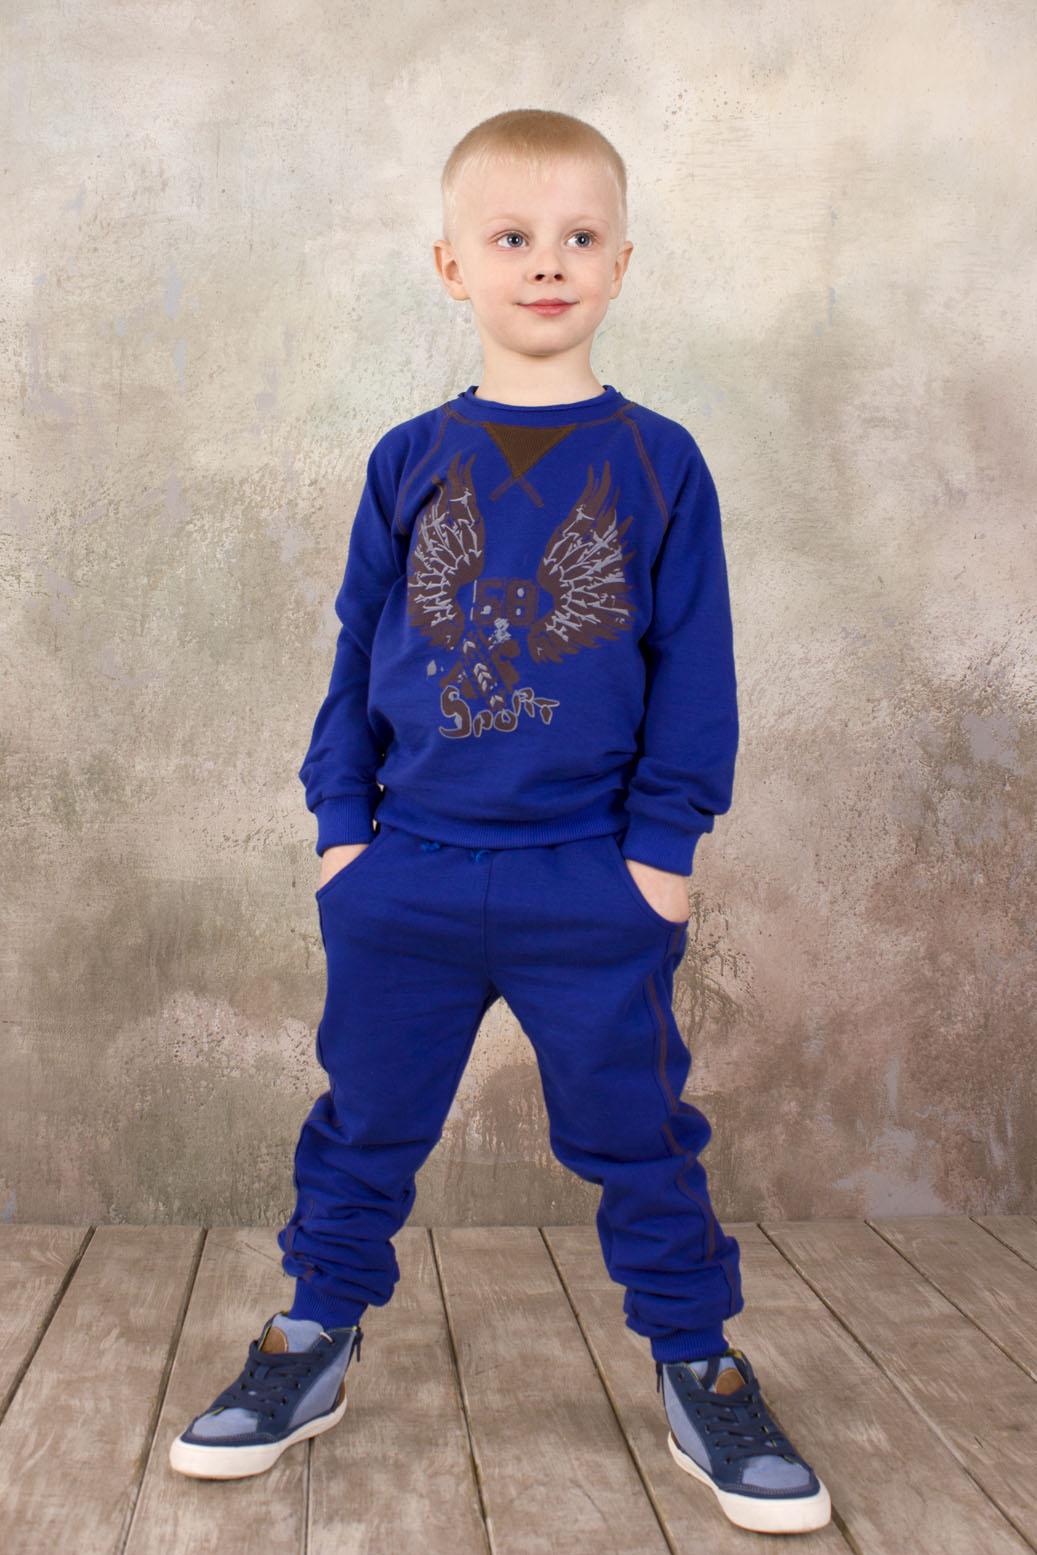 b6d85054b1f Реглан для мальчика из трикотажного полотна высокого качества синий